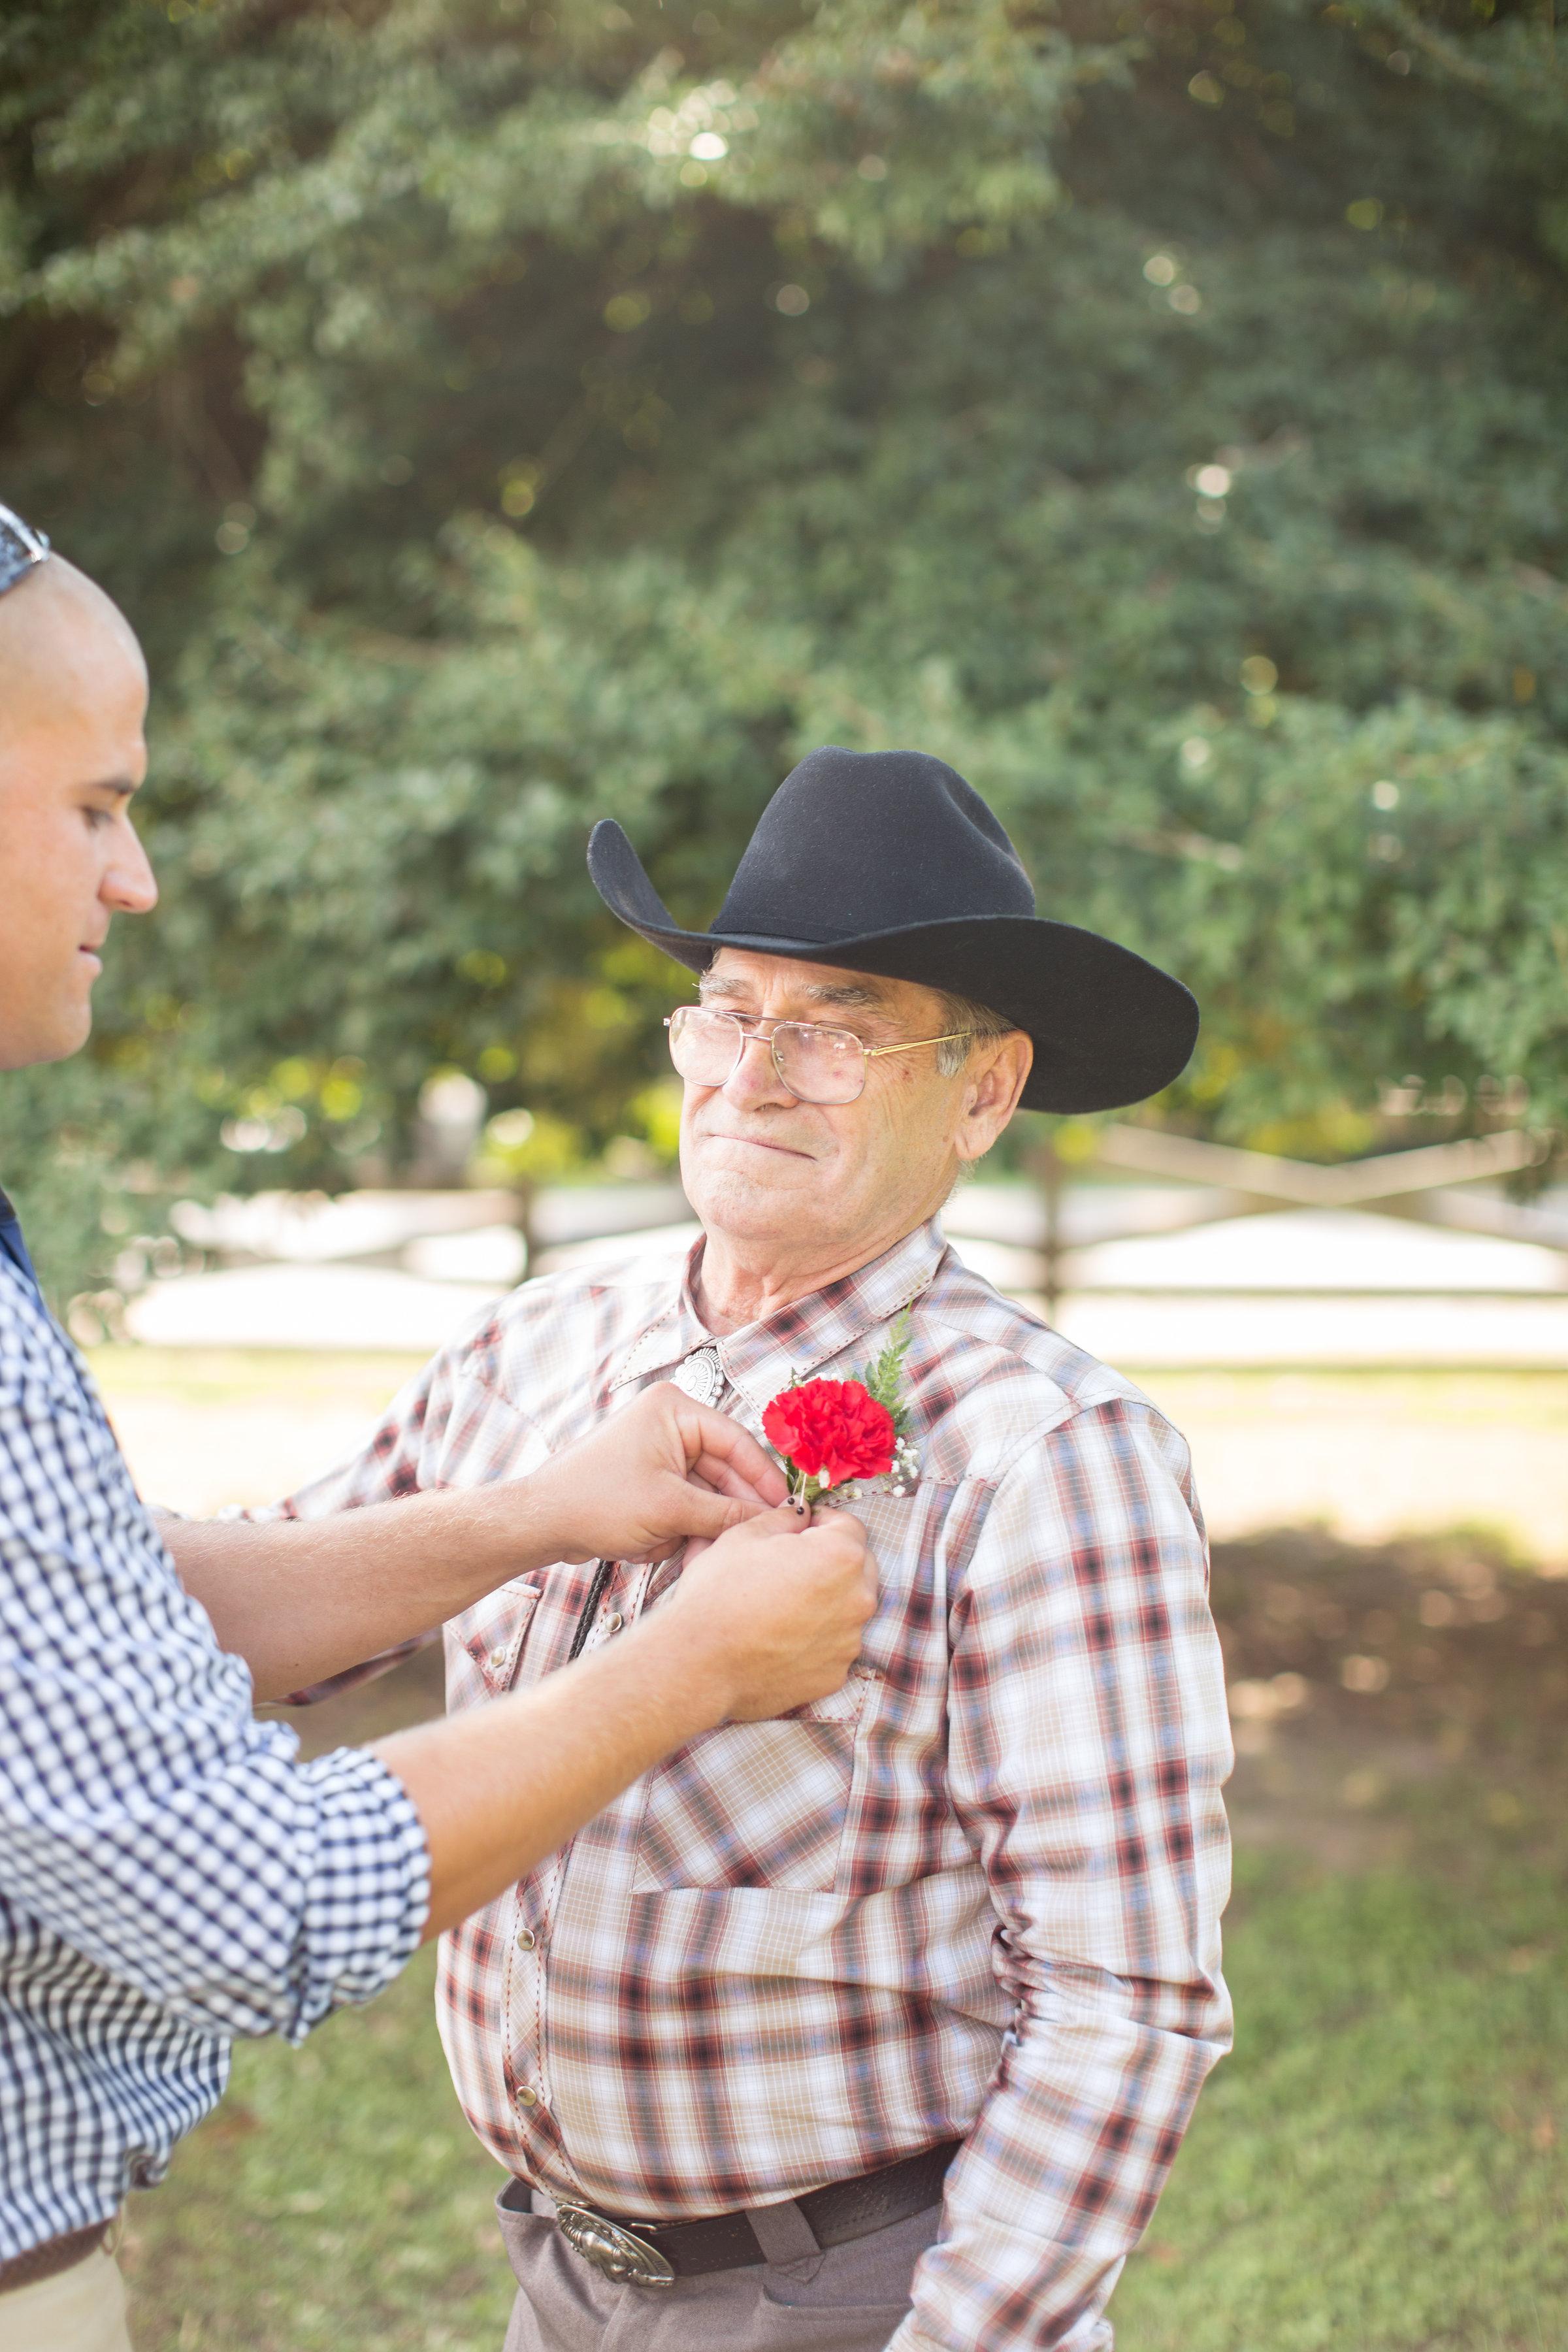 country-rustic-wedding-cowboy-hat-groom-bouttoniere-virginia-photos.jpg